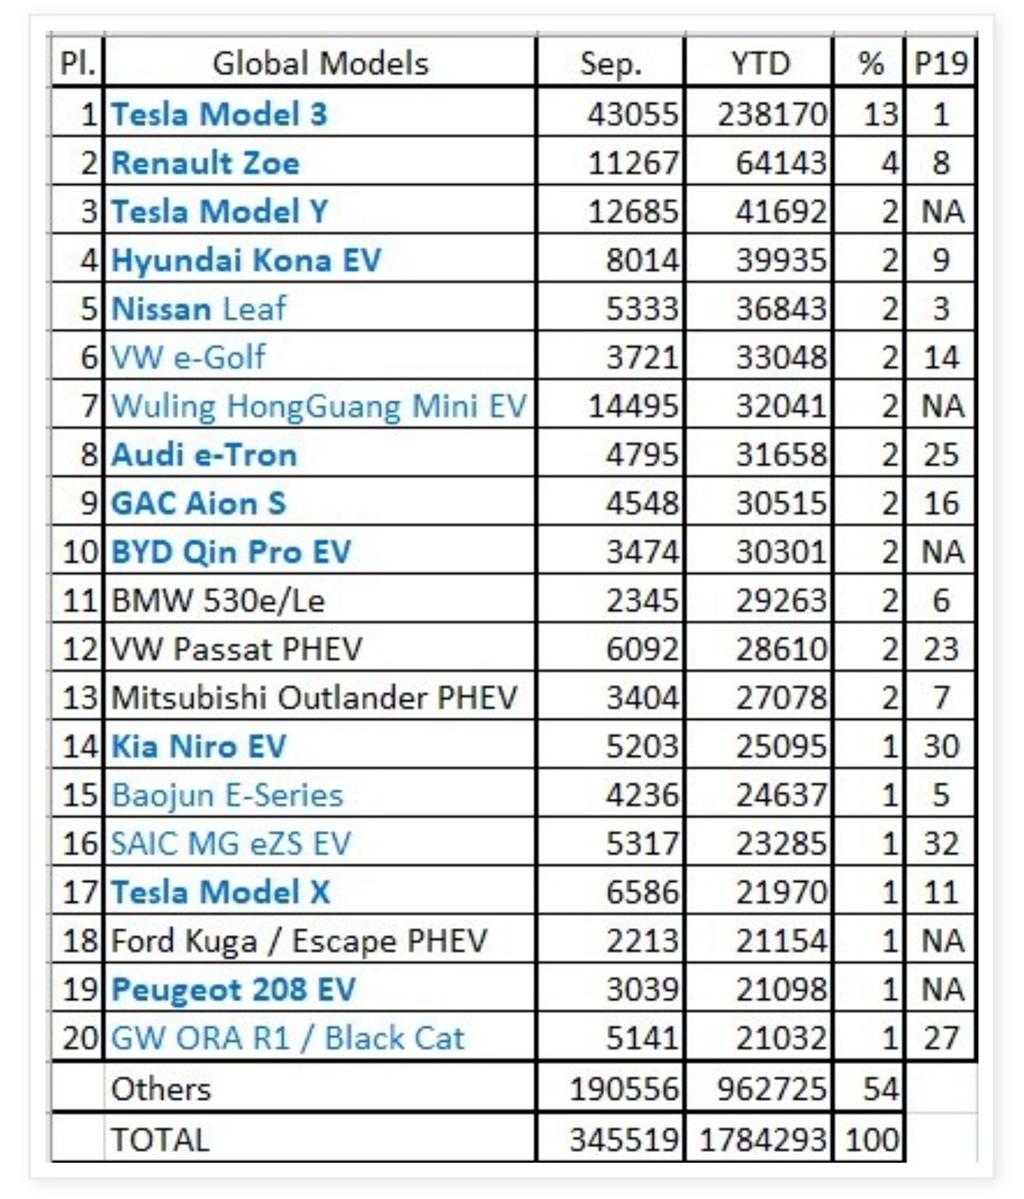 九月賣翻!Model 3 穩坐全球電動車暢銷寶座,Model Y 也攻佔第 3 名